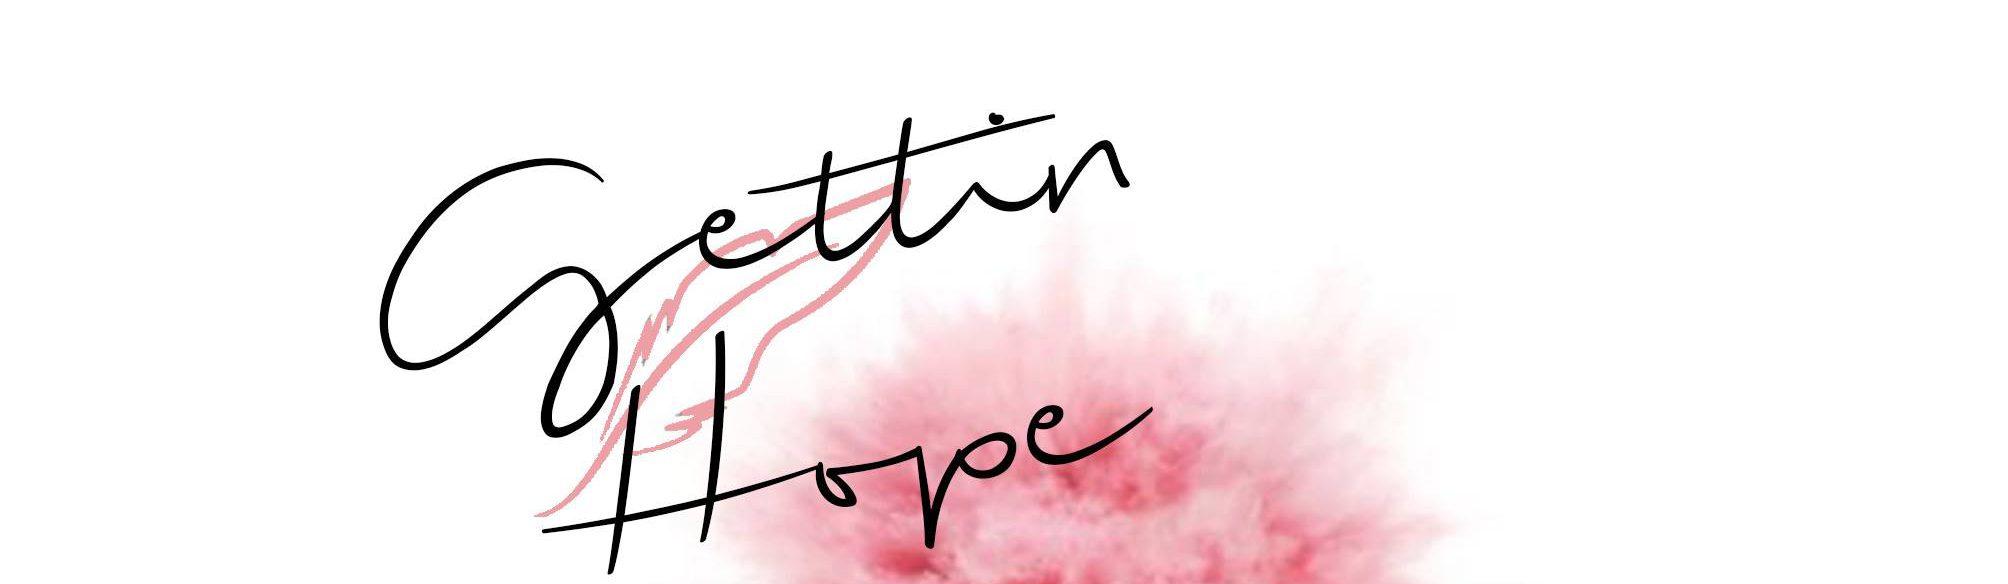 Gettin Hope